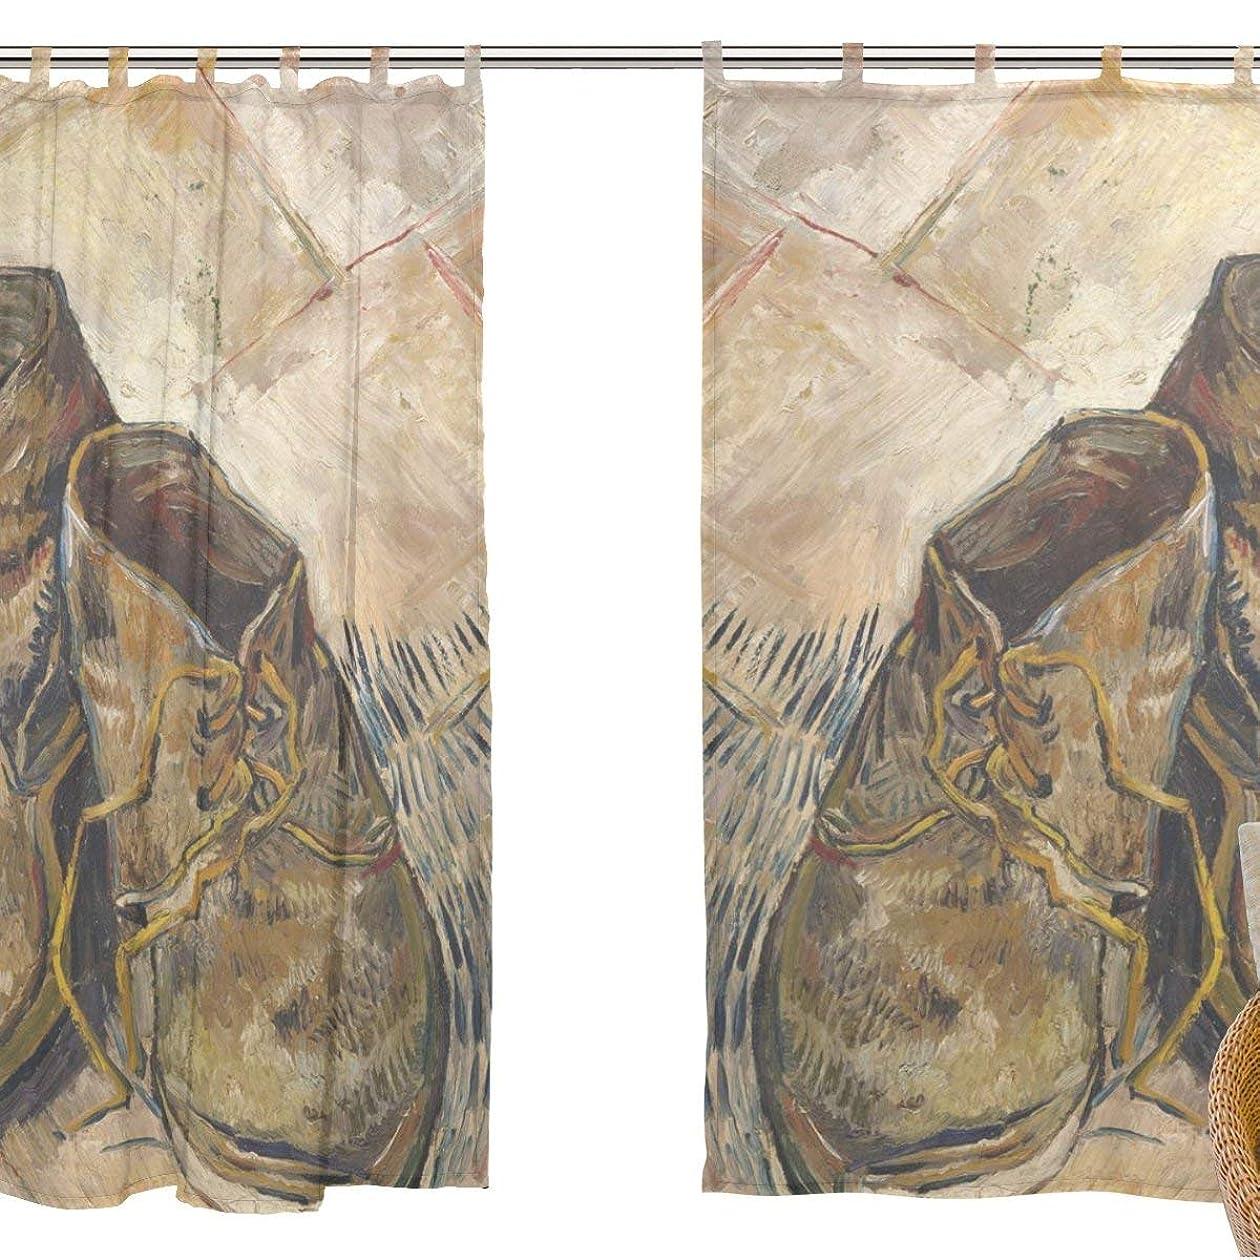 逆さまに母性表示ZOMOY(ユサキ おしゃれ 薄手 柔らかい シェードカーテン紗 ドアカーテン,ゴッホ 芸術の油絵,装飾 窓 部屋 玄関 ベッドルーム 客間用 遮光 カーテン (幅:140cm x丈:210cmx2枚組) デザイン 110